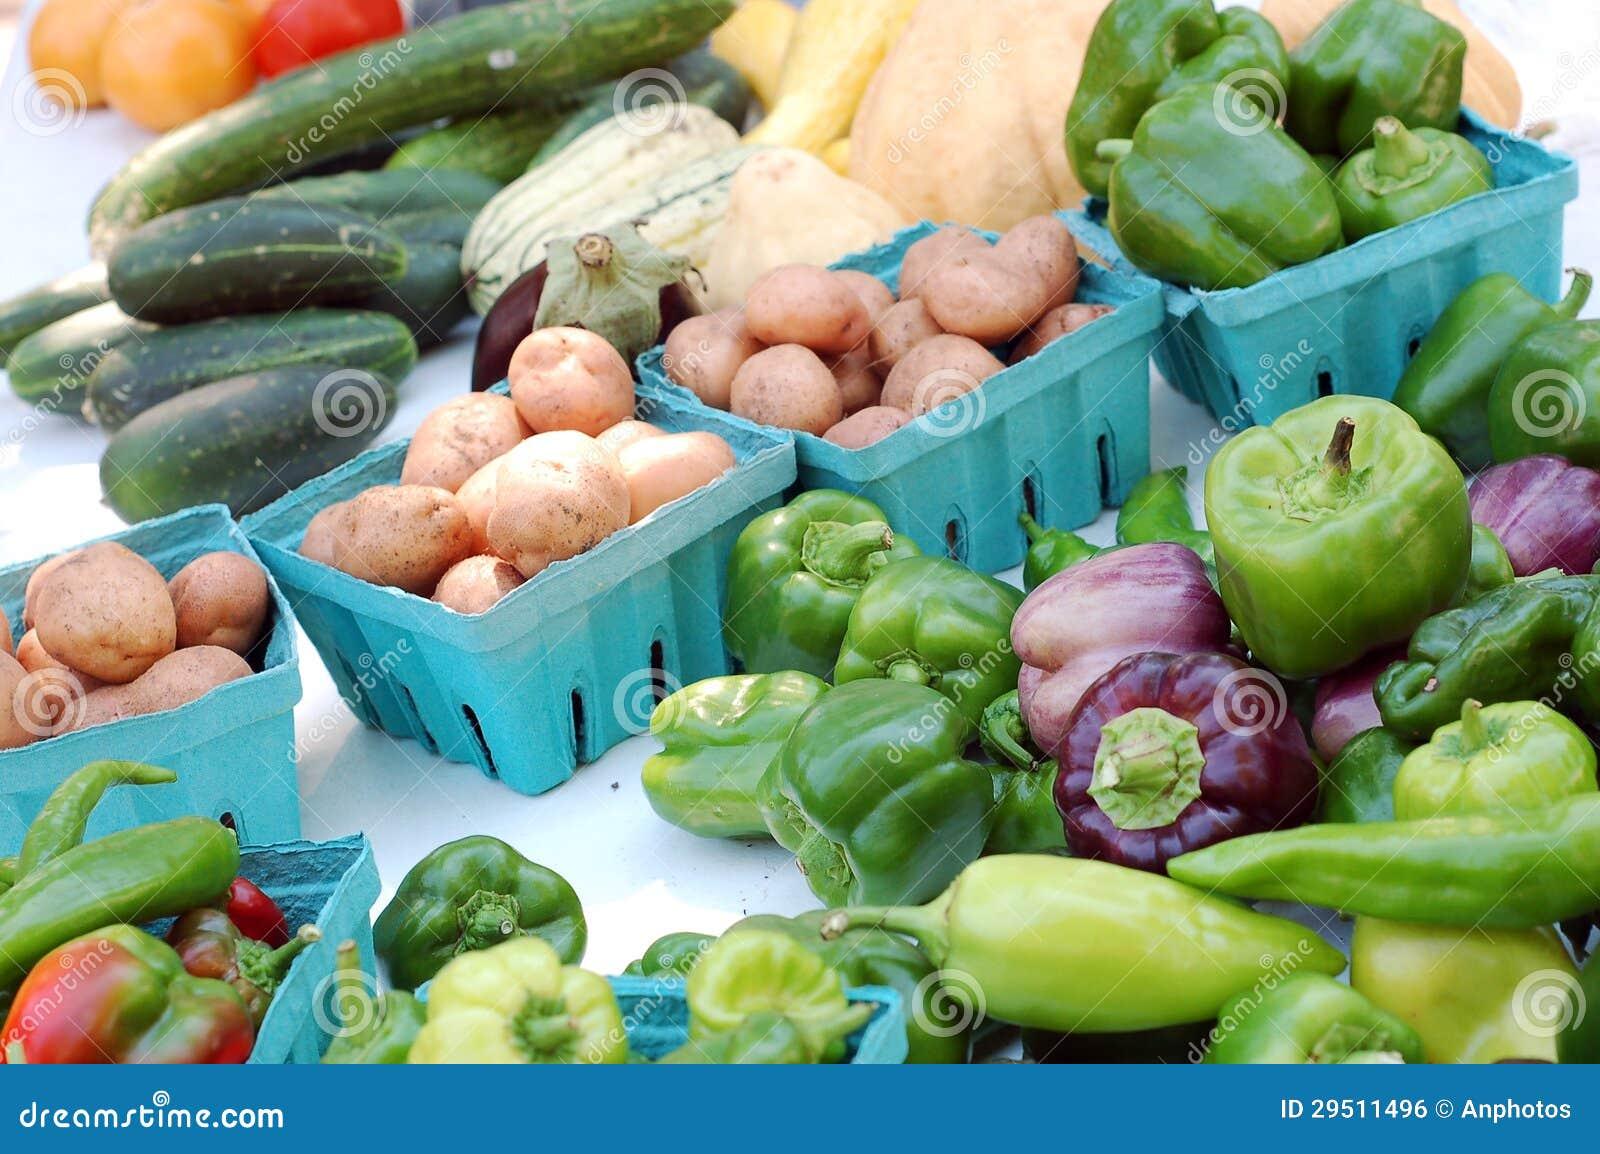 Groente in marktplaats